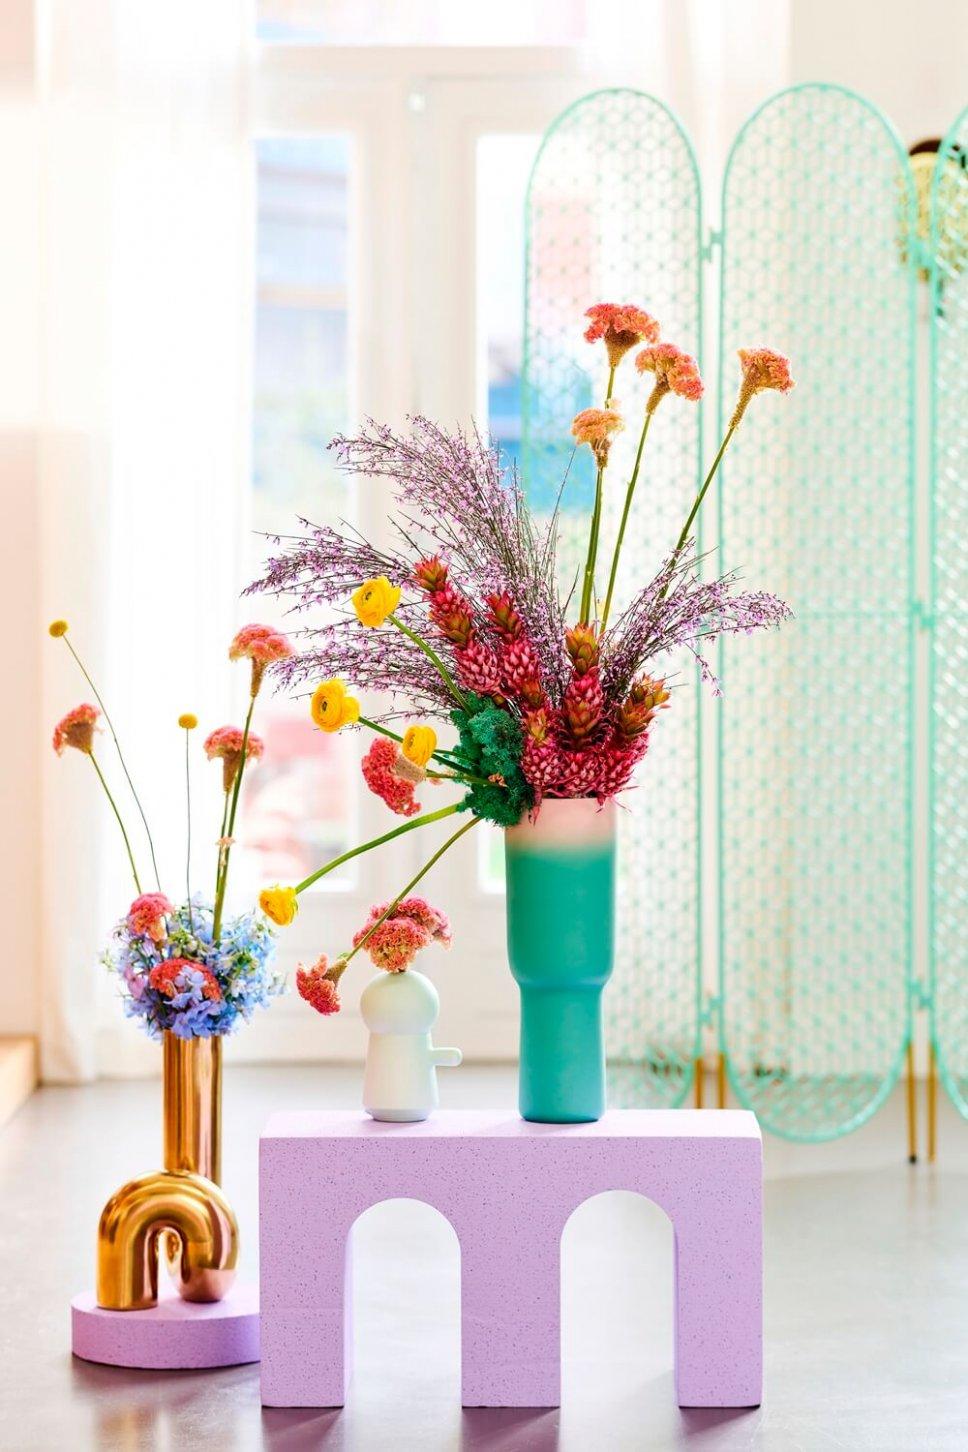 Moderner Wohnraum mit ausgefallenen Vasen, gefüllt mit Celosien